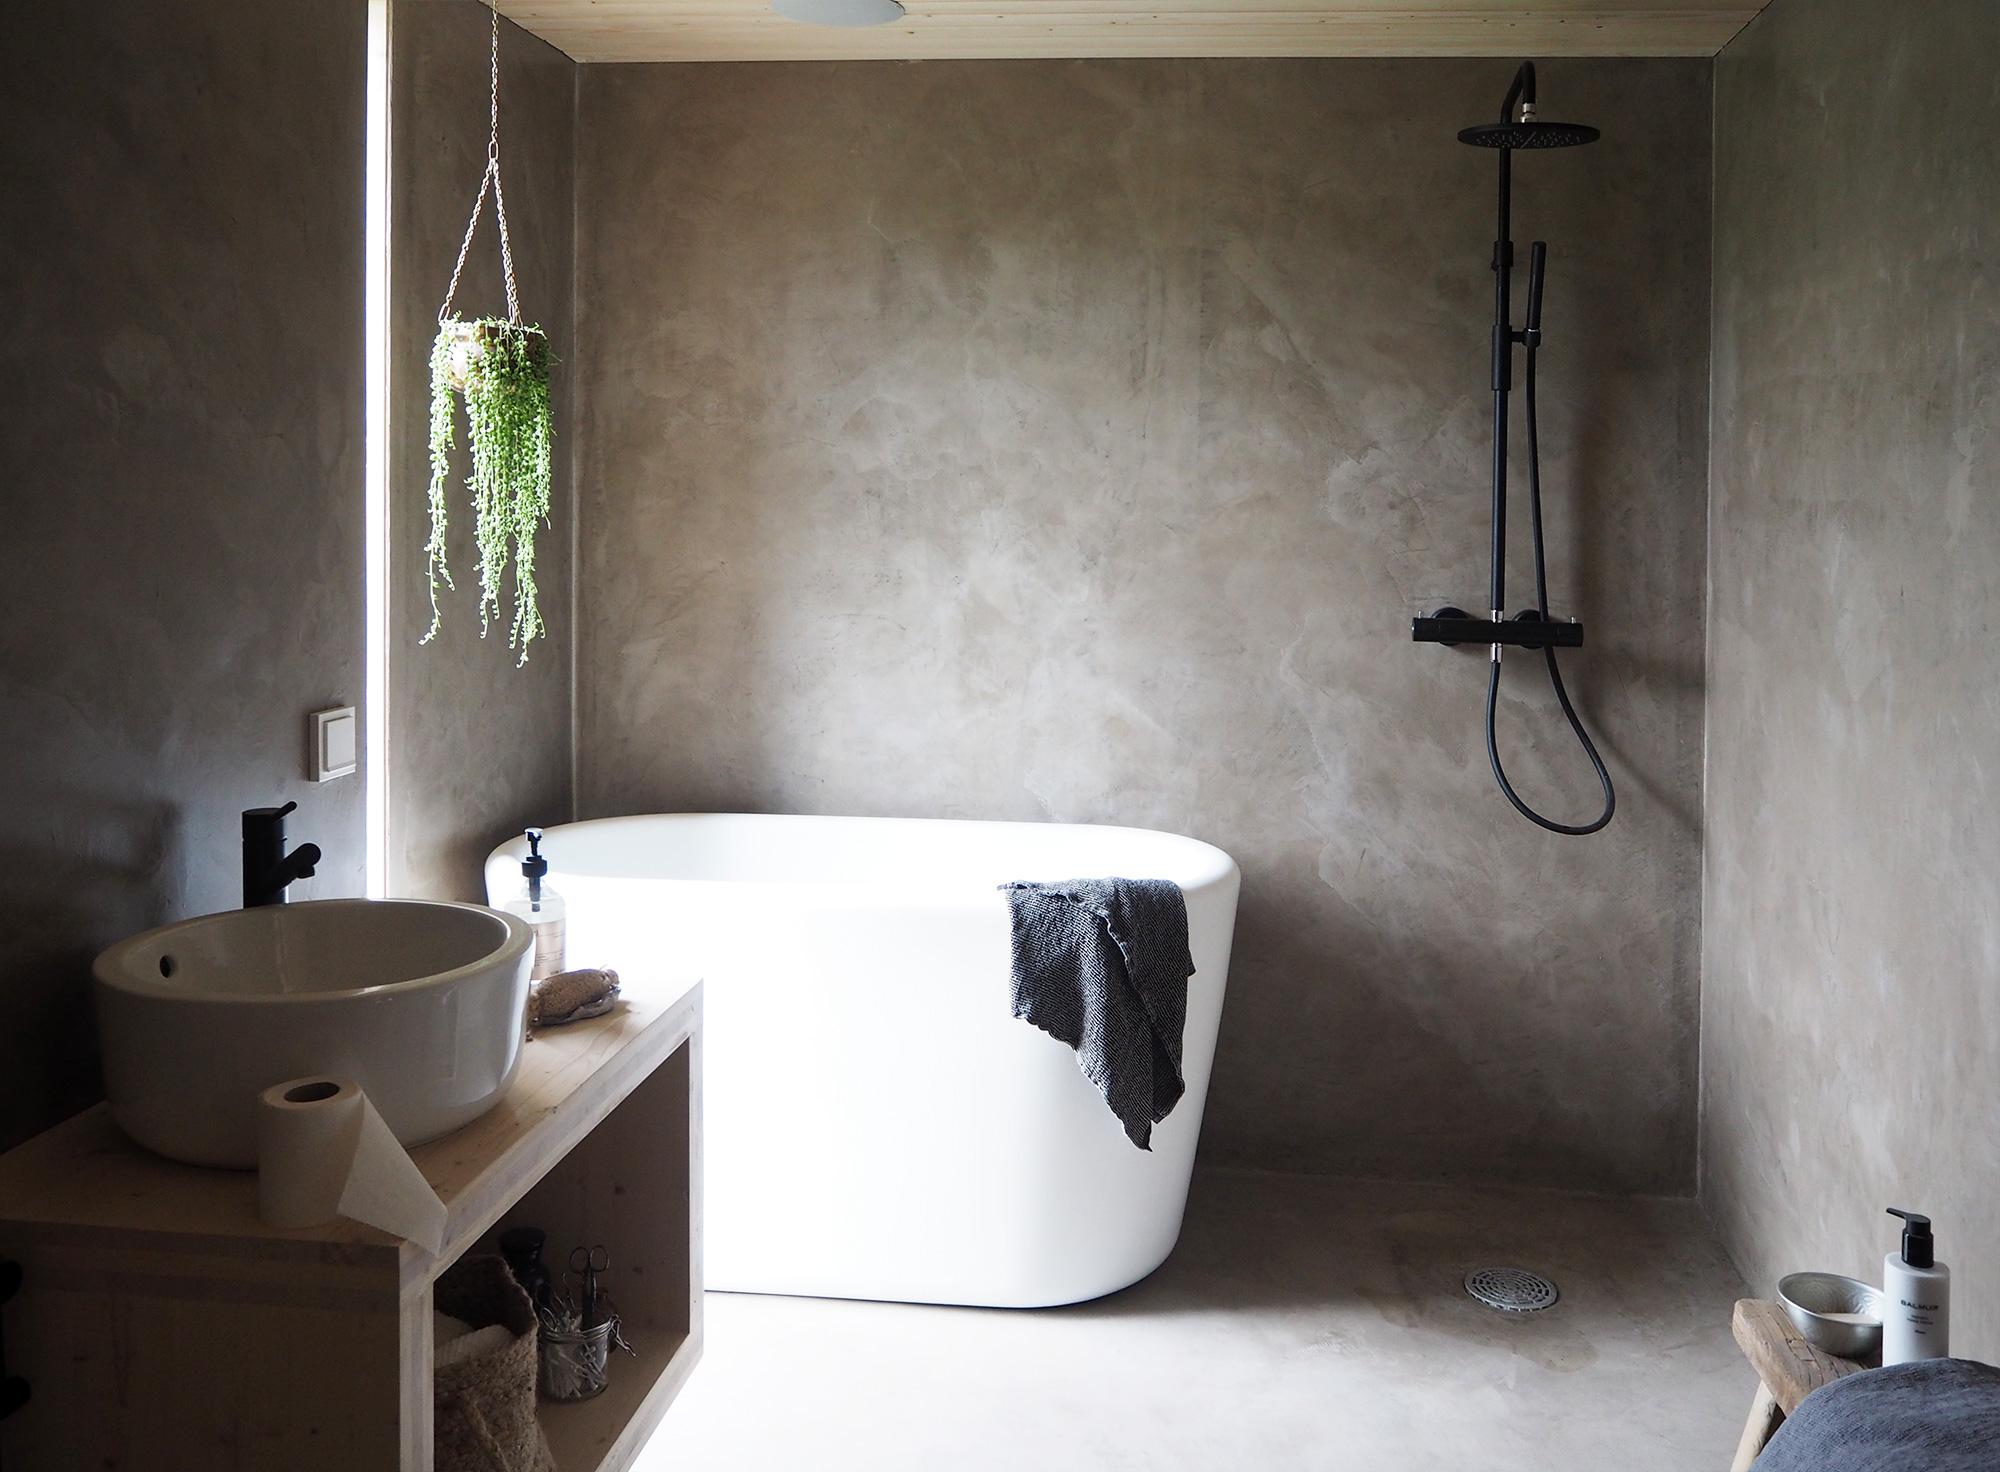 modeni kylpyhuone